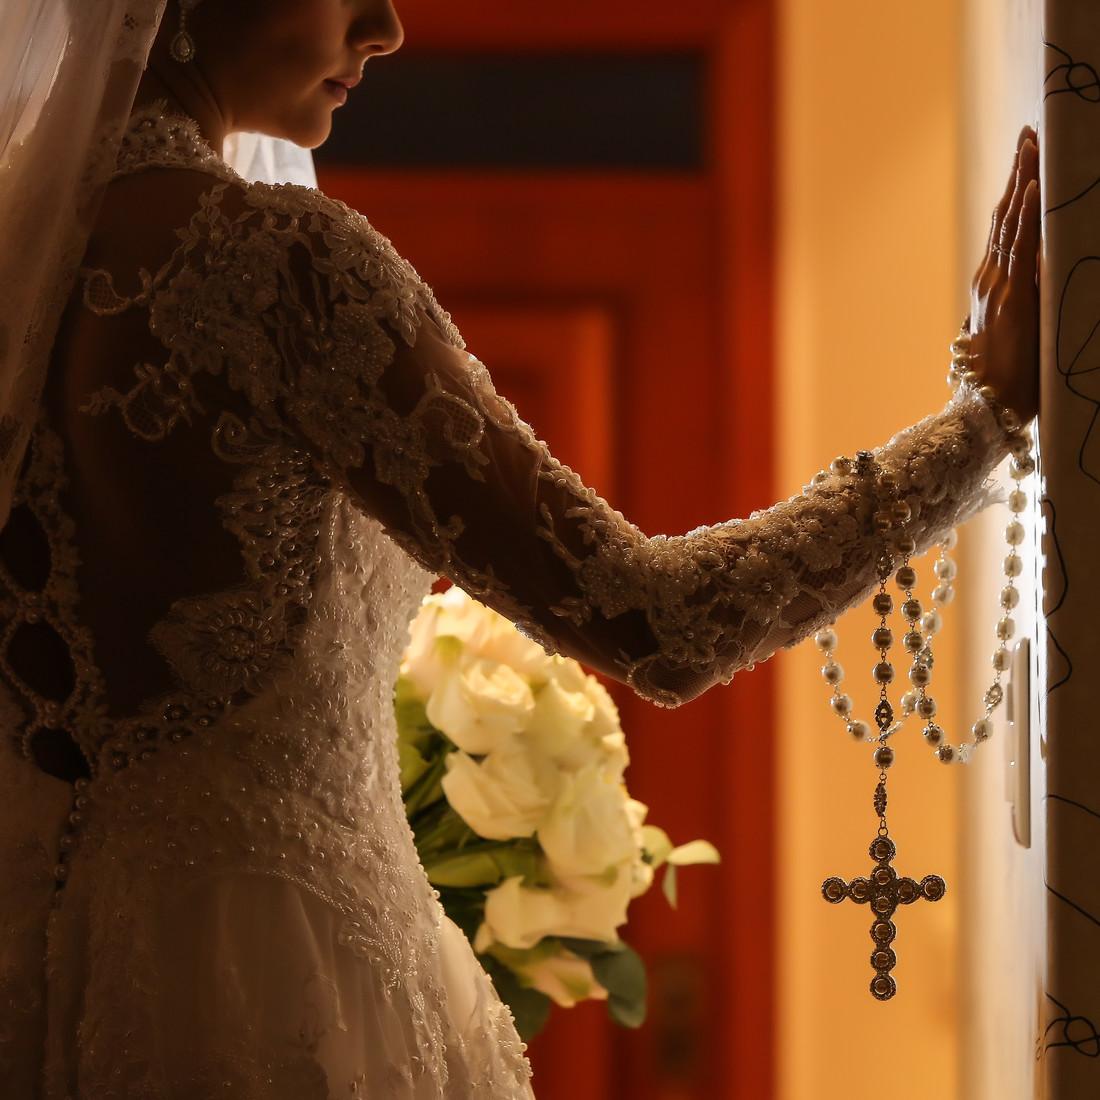 Contate Henrique Vieira   Fotógrafo de Casamento, Família, Aniversários e Eventos Corporativos